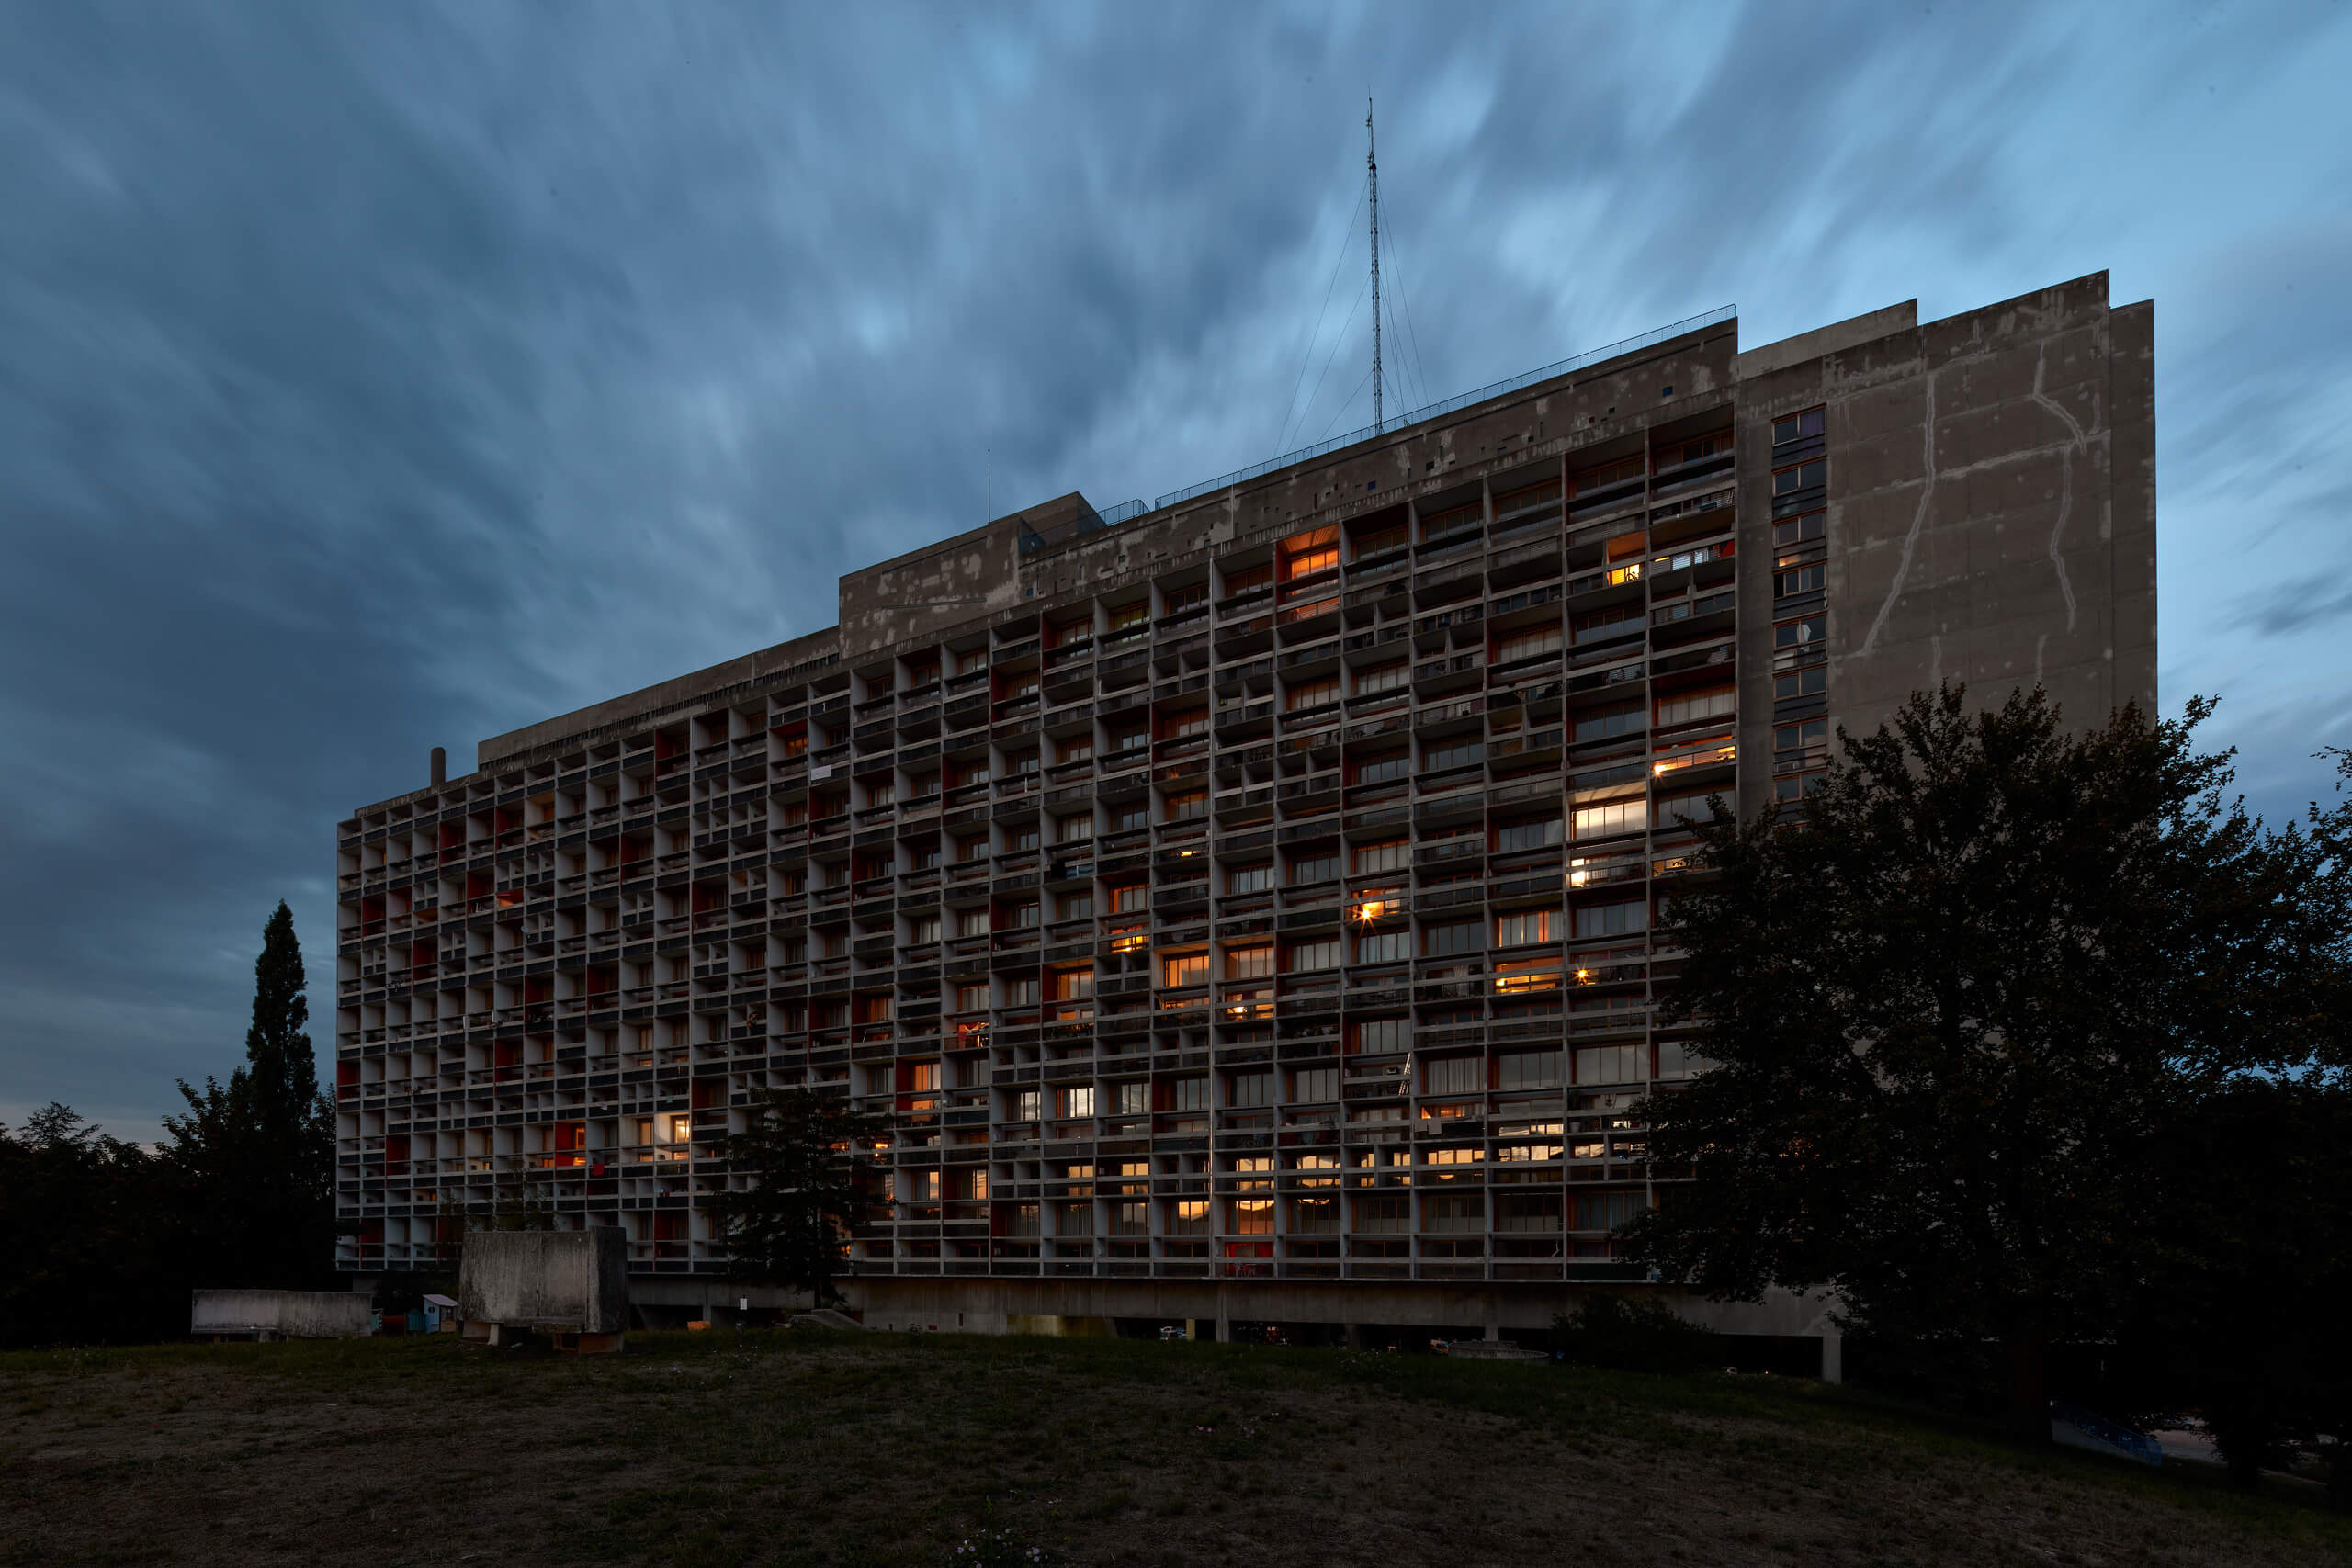 Federico_Covre_Unité_Firminy_Le_Corbusier_2018_72